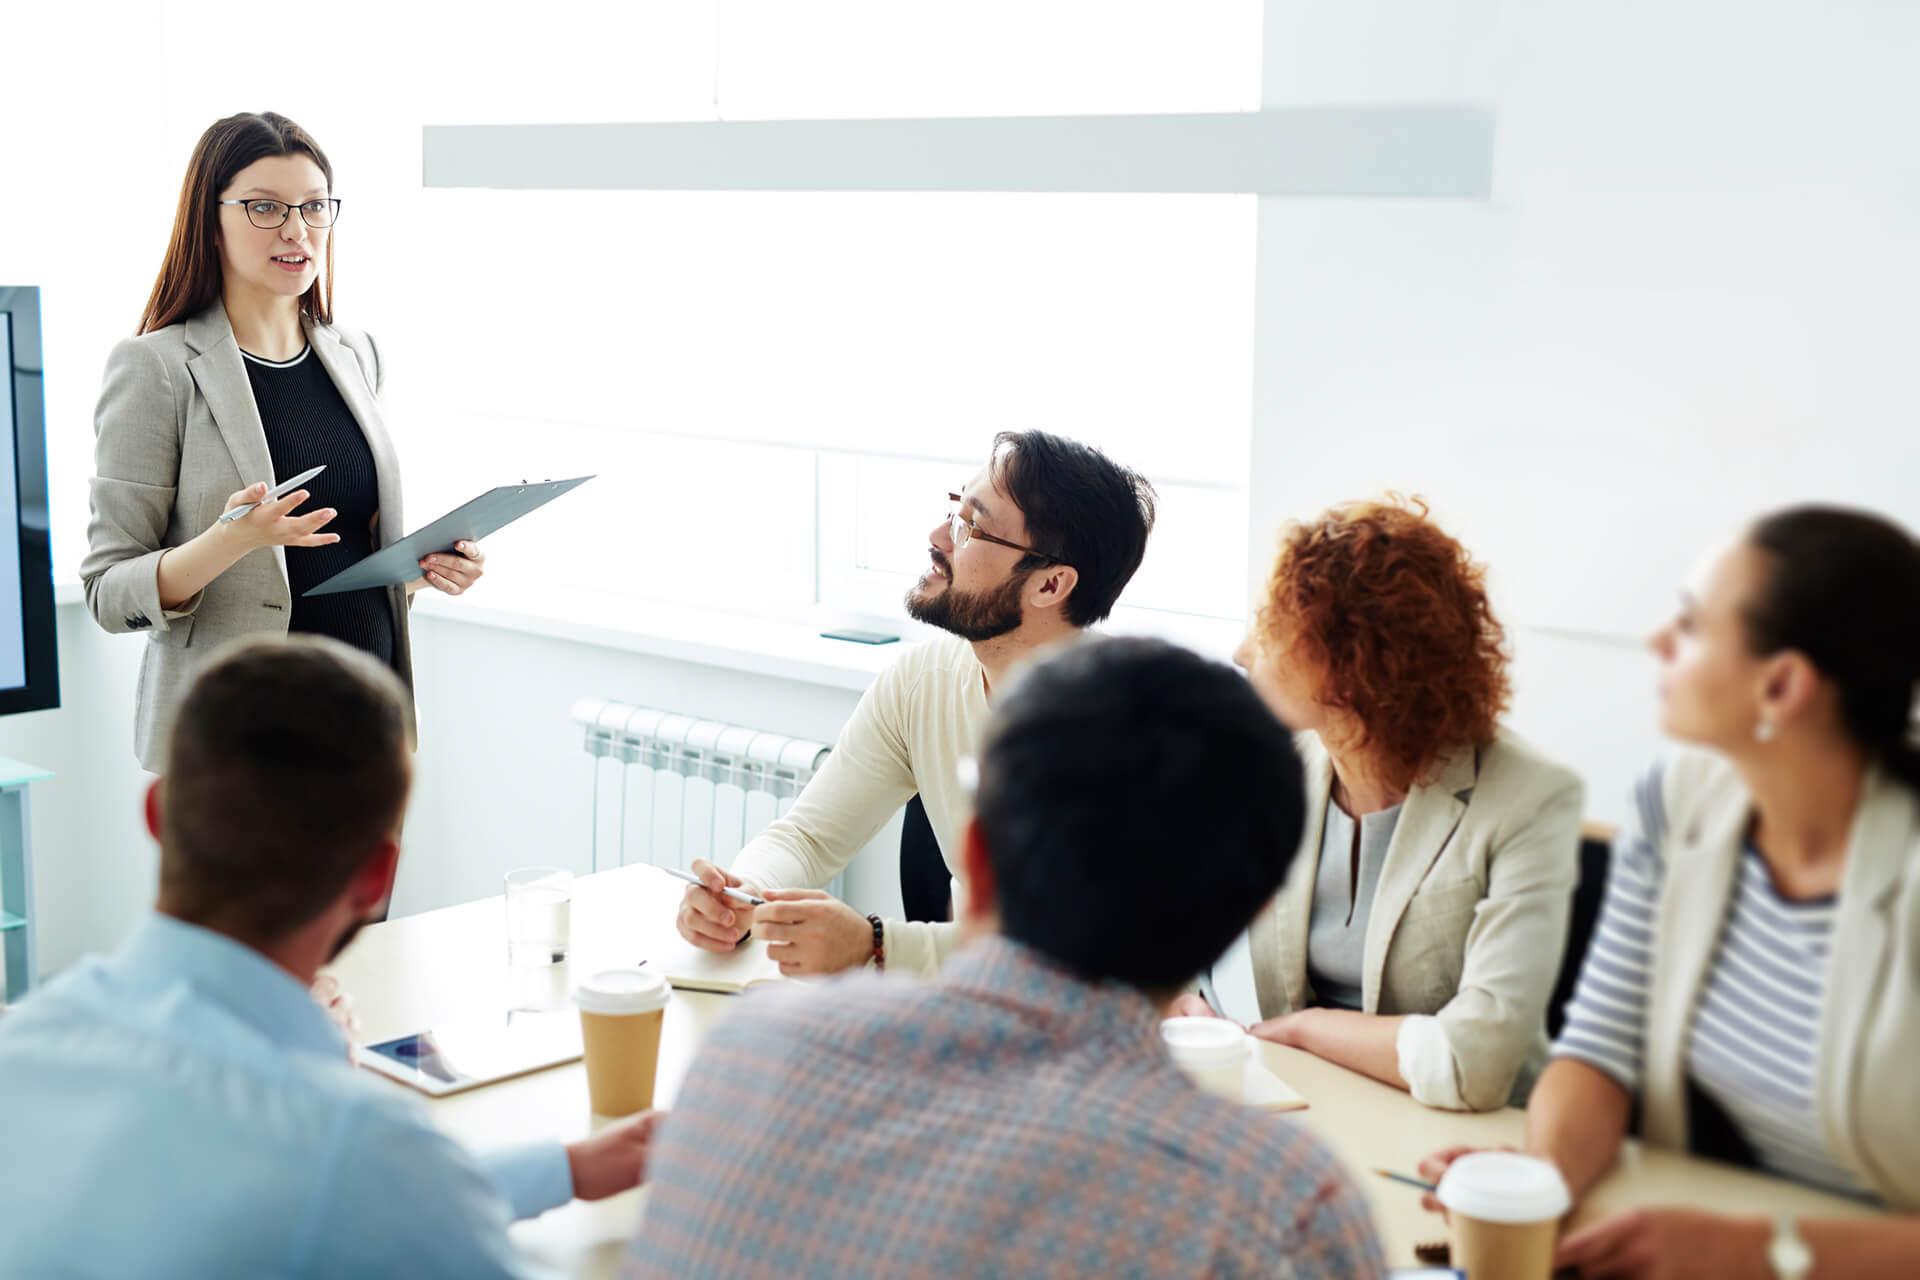 Dicas de treinamento em inovação para servidores públicos